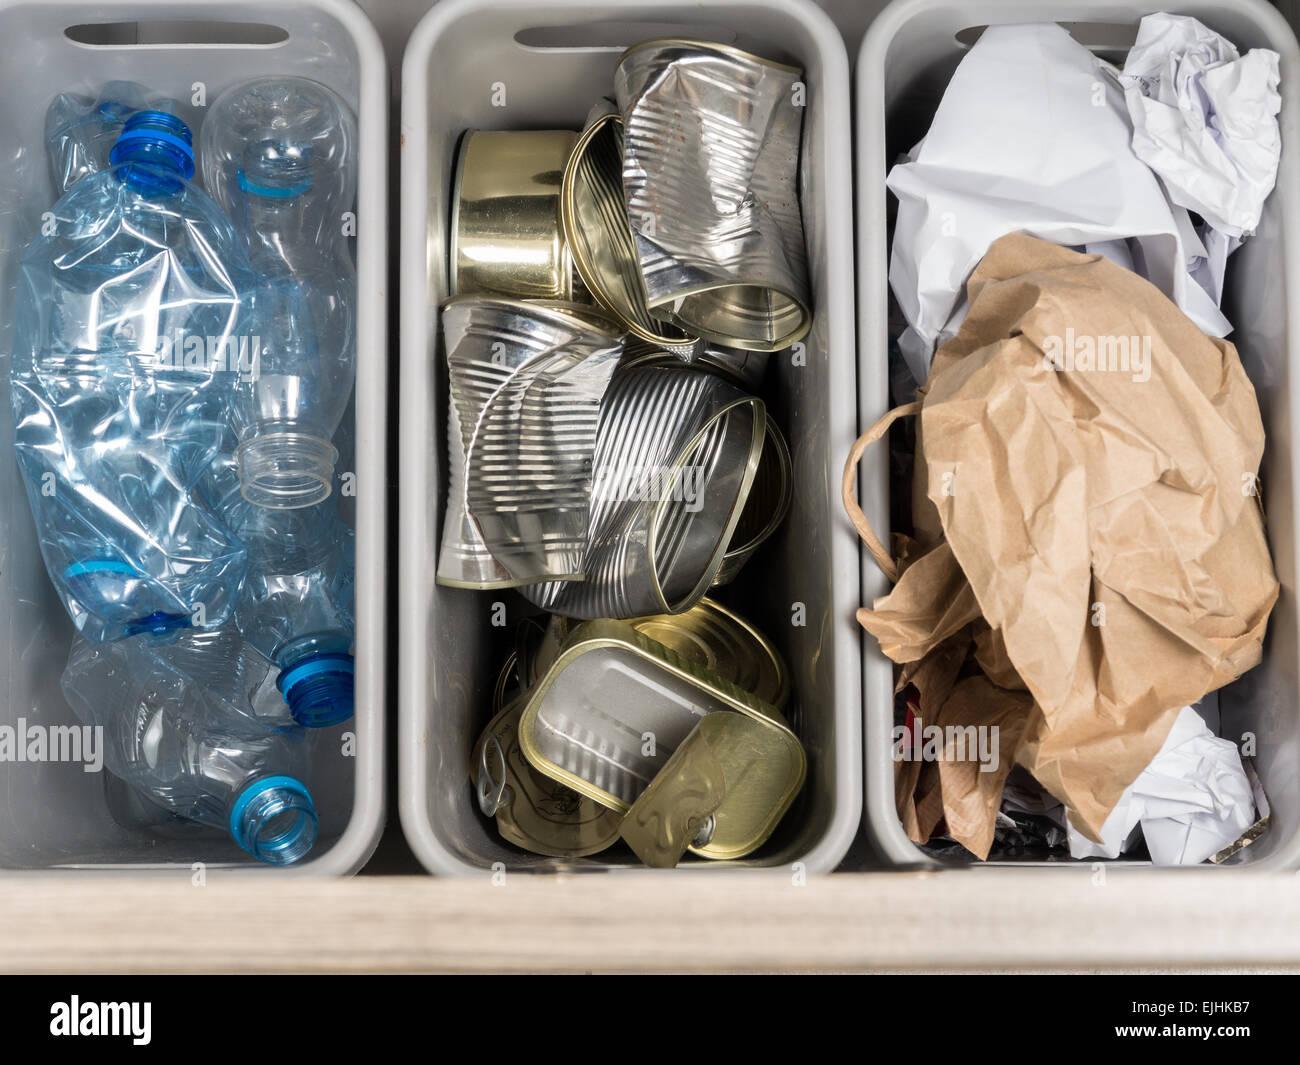 Trois poubelles en plastique avec séparation des déchets domestiques - Bouteilles PET, papier et boîtes Photo Stock